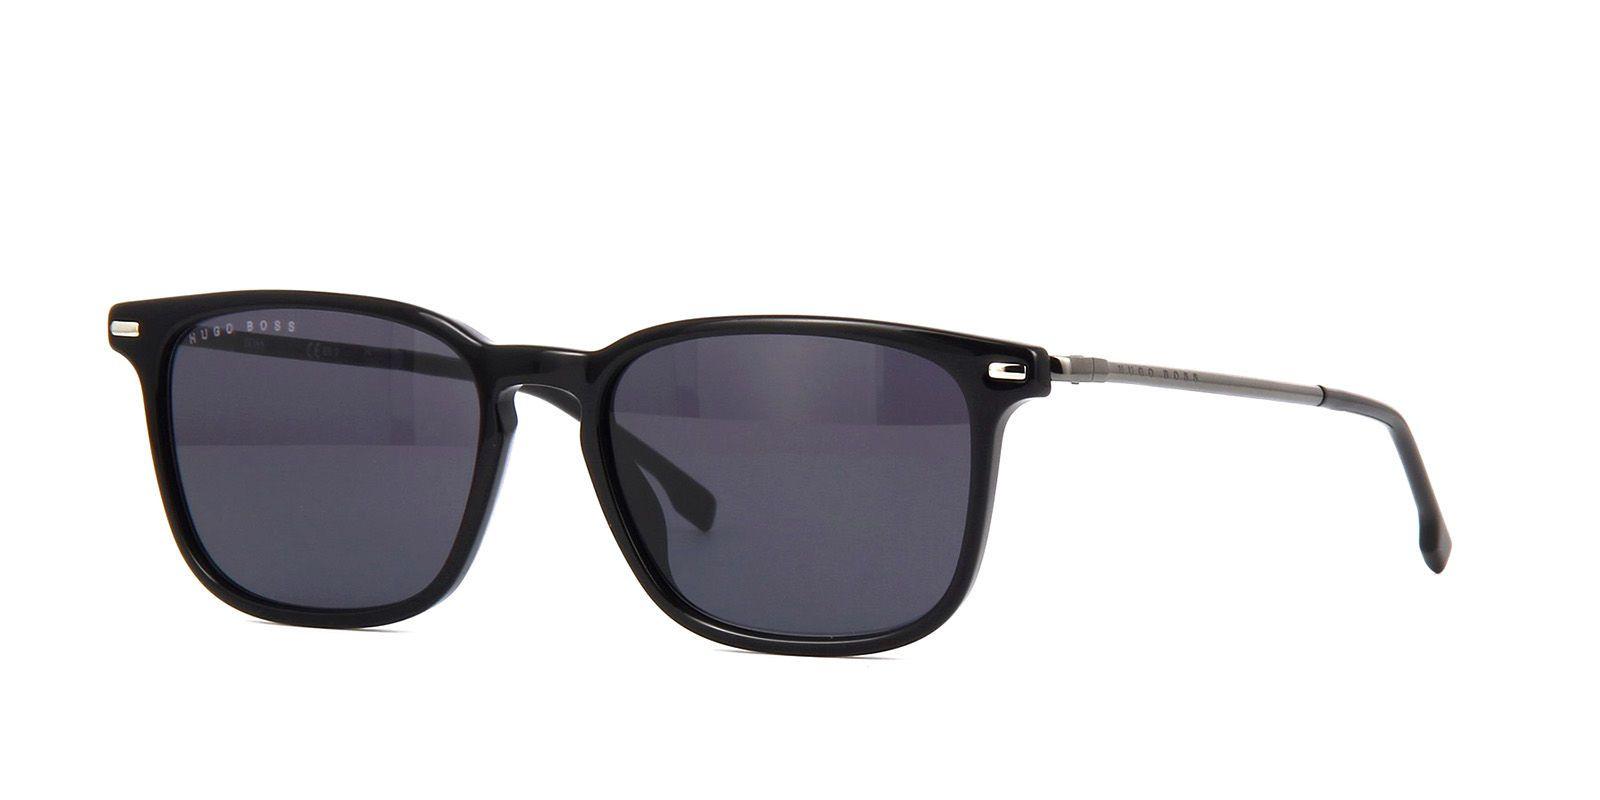 1e47c1c7b Óculos de Sol Masculino Hugo Boss Boss 1020/S 807IR - Omega Ótica e ...